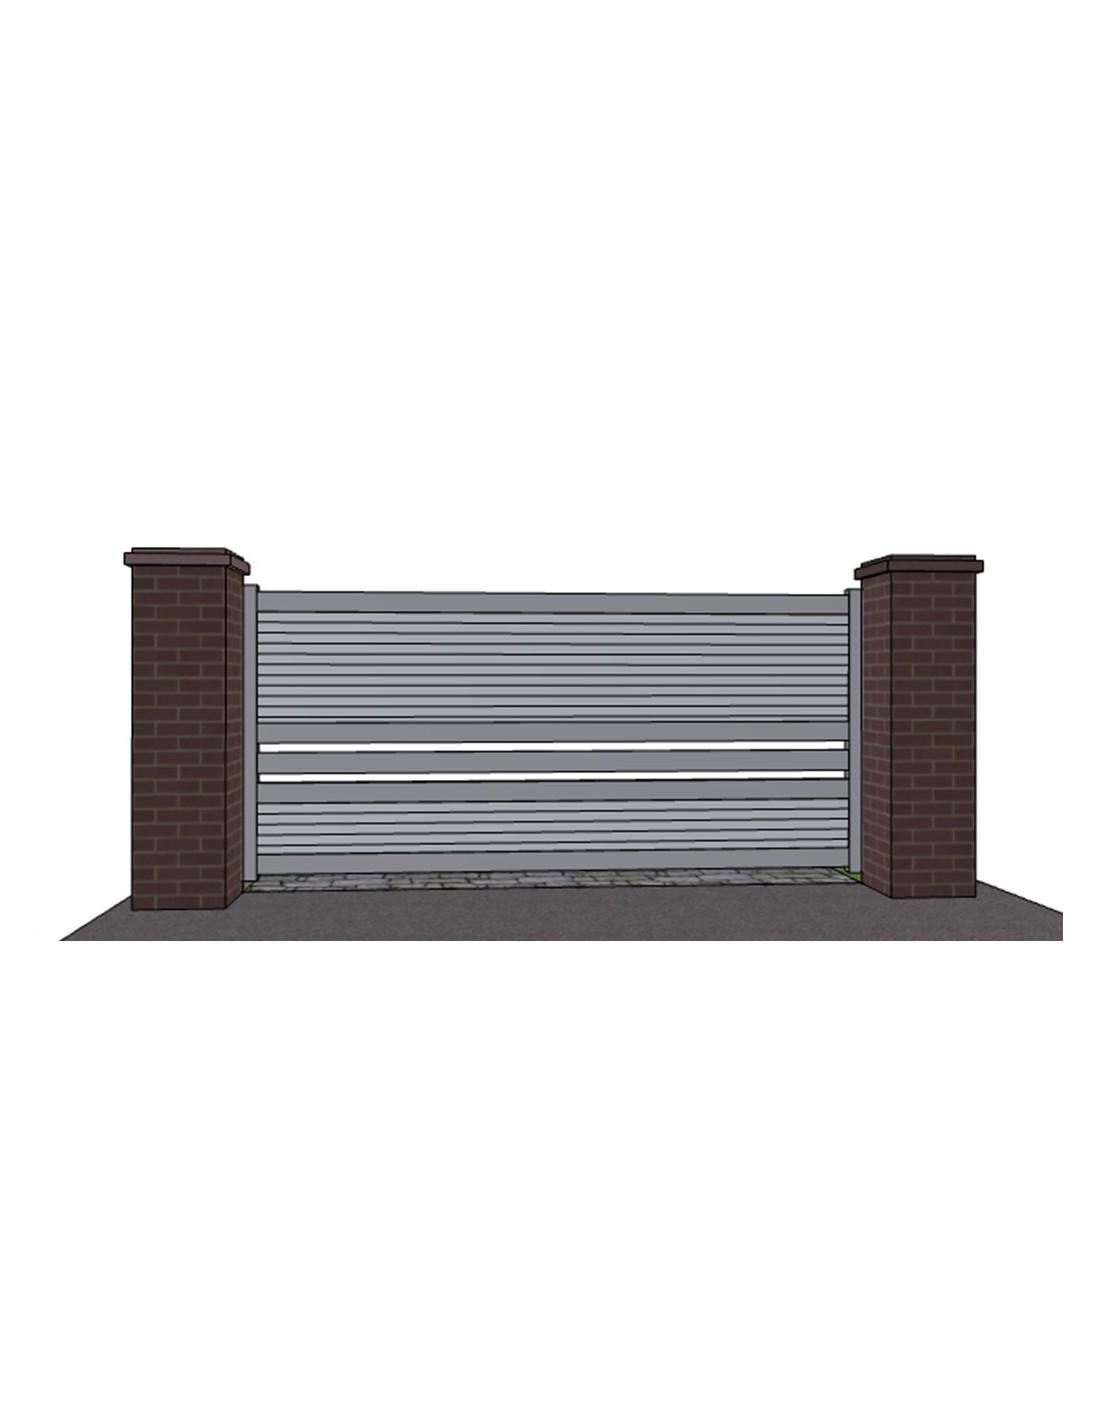 Portail coulissant aluminium design 39 montauban de 3m00 6m00 for Portail coulissant m